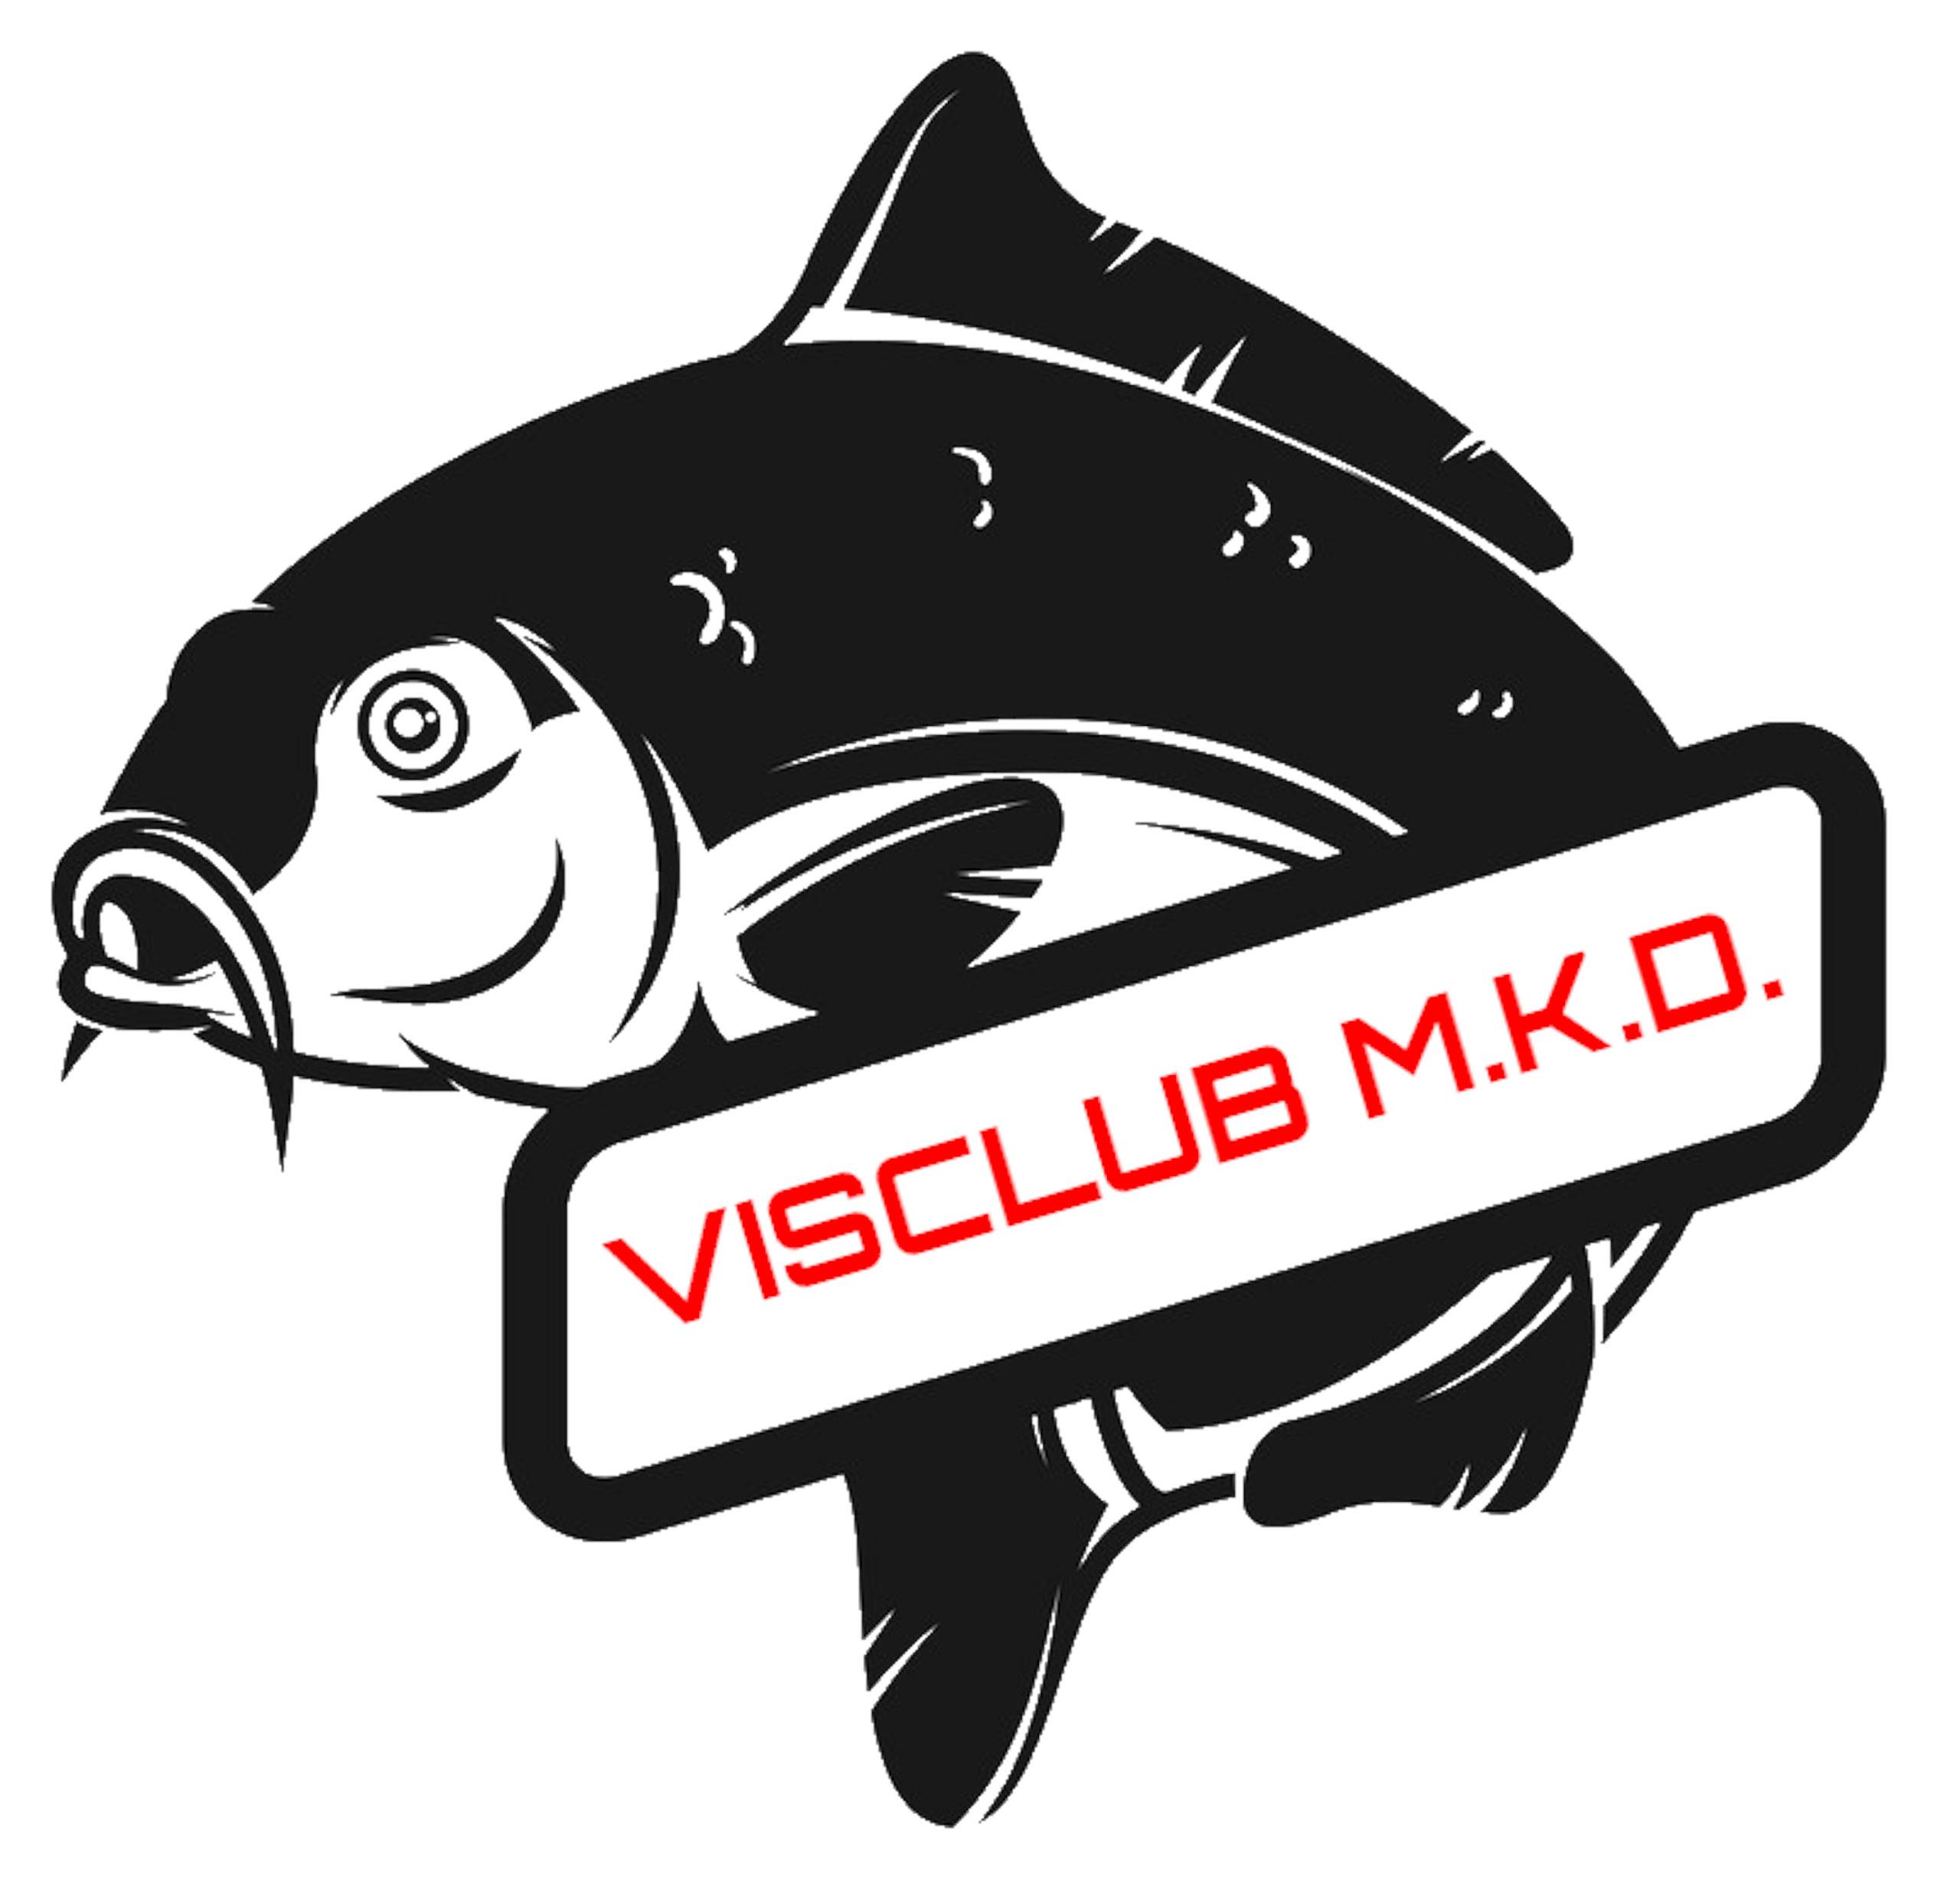 vzw Visclub M.K.D.